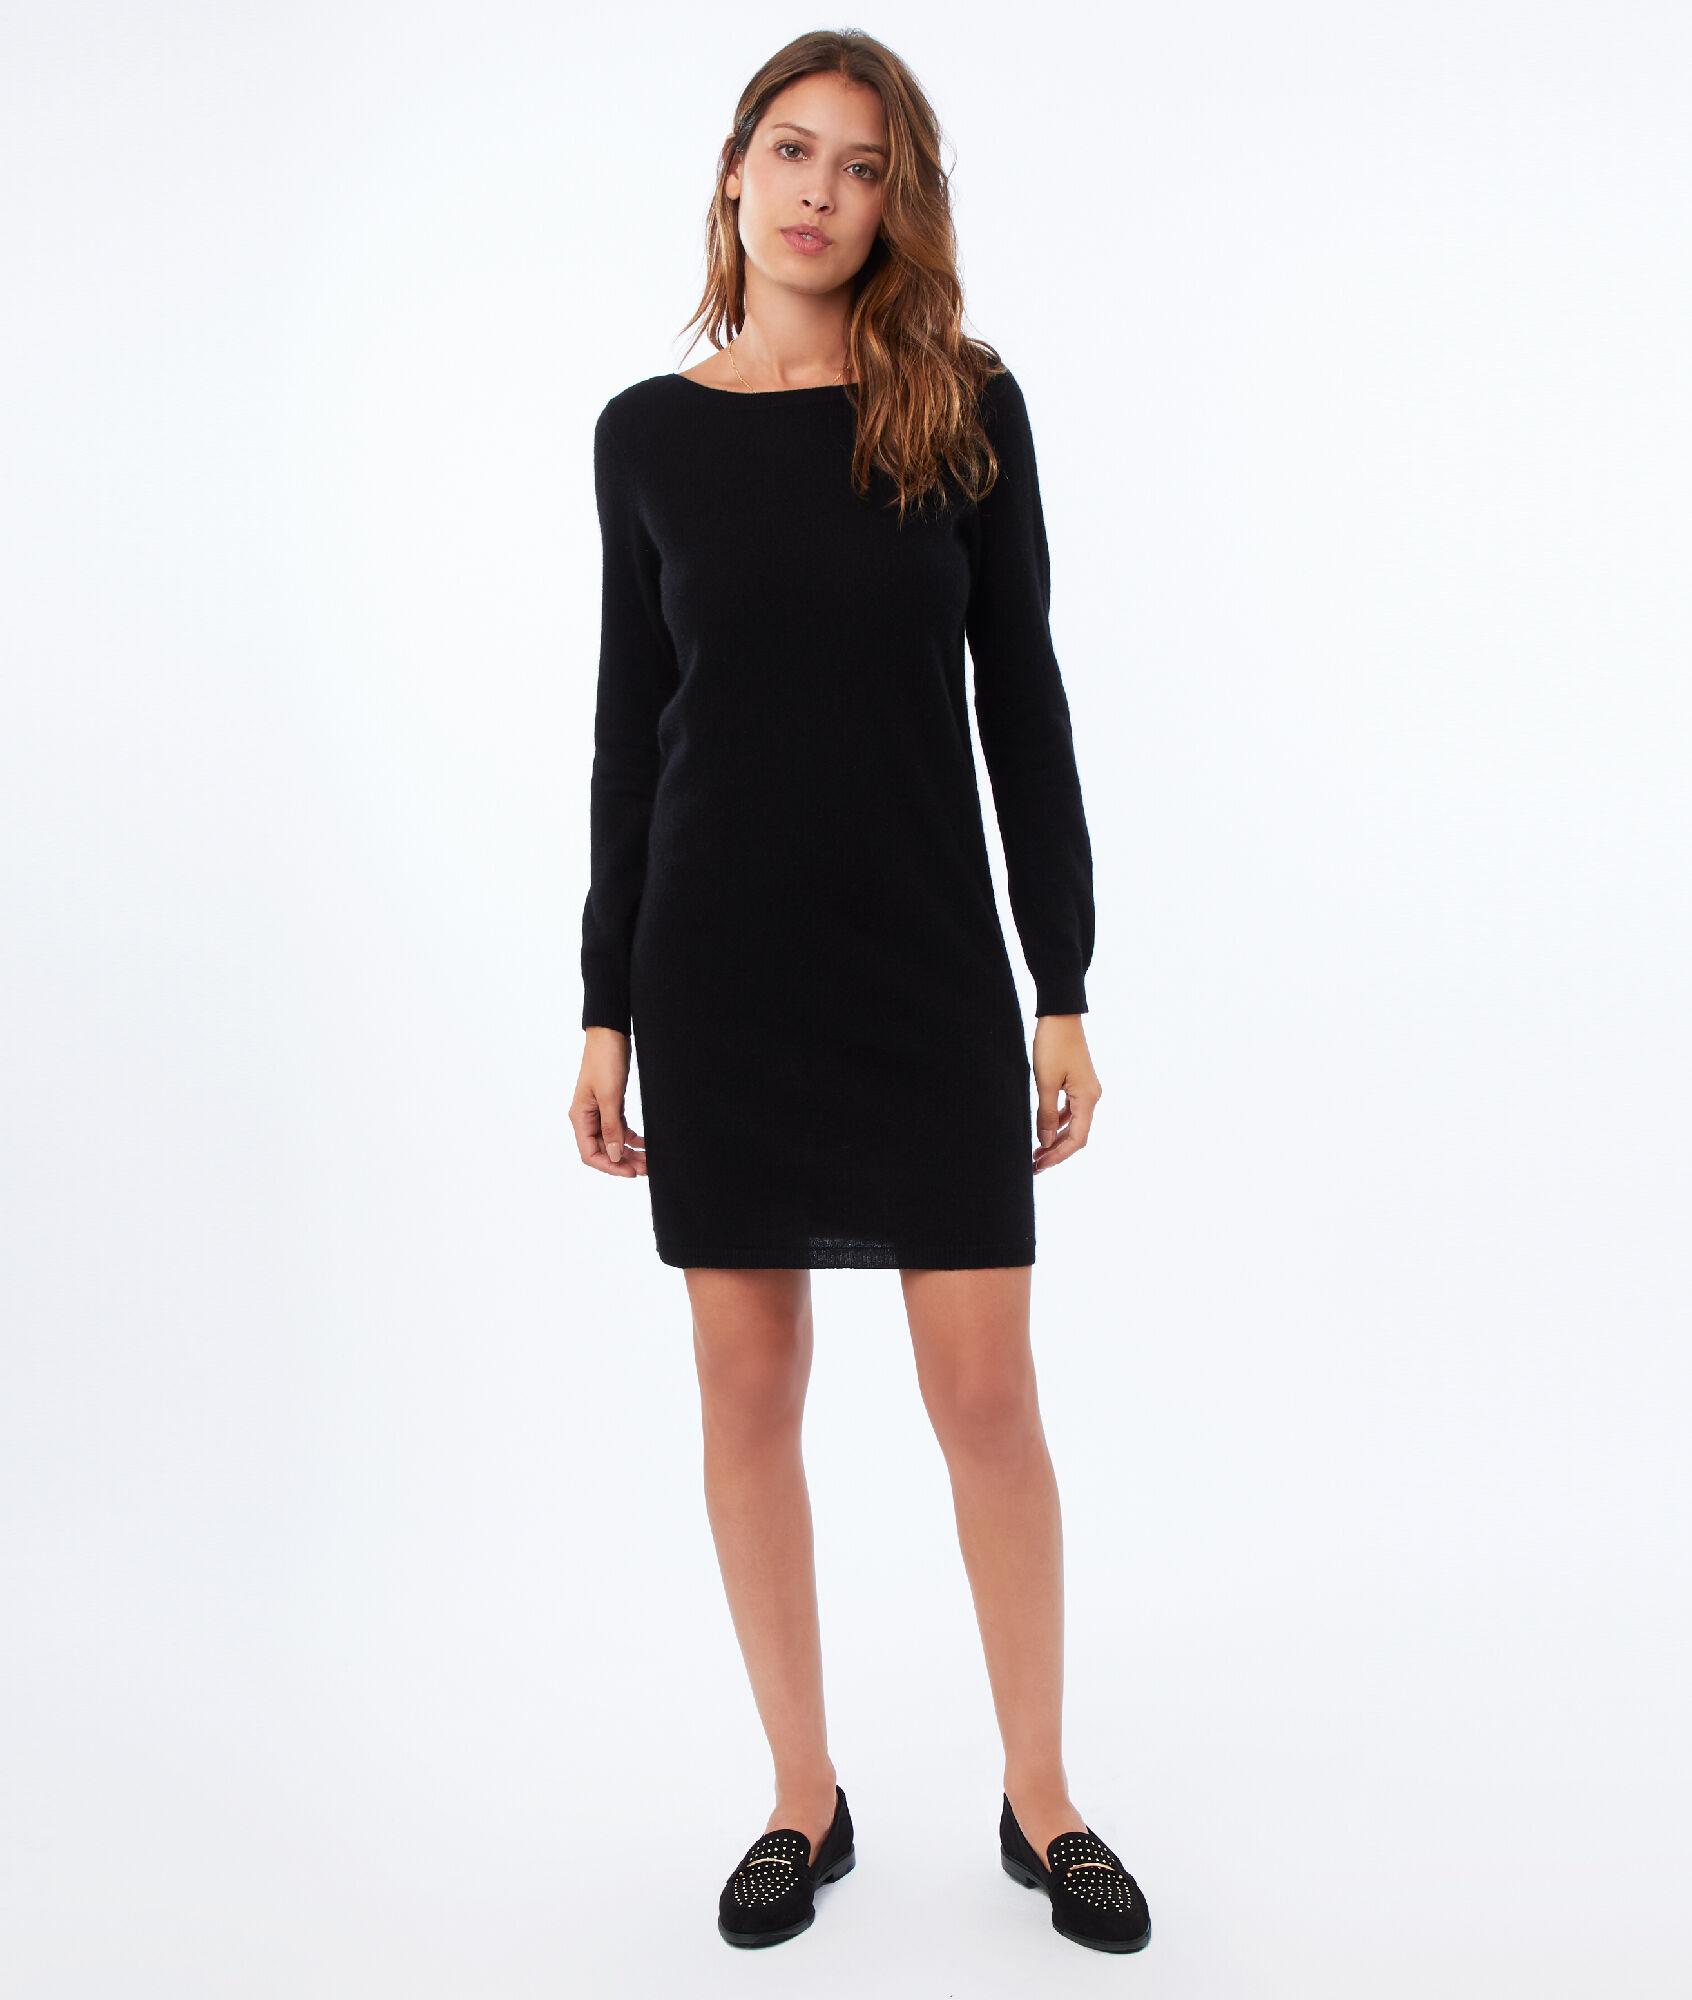 hot-vente plus récent dernier style grandes variétés Robe pull 100% cachemire - VENUS - NOIR - Etam